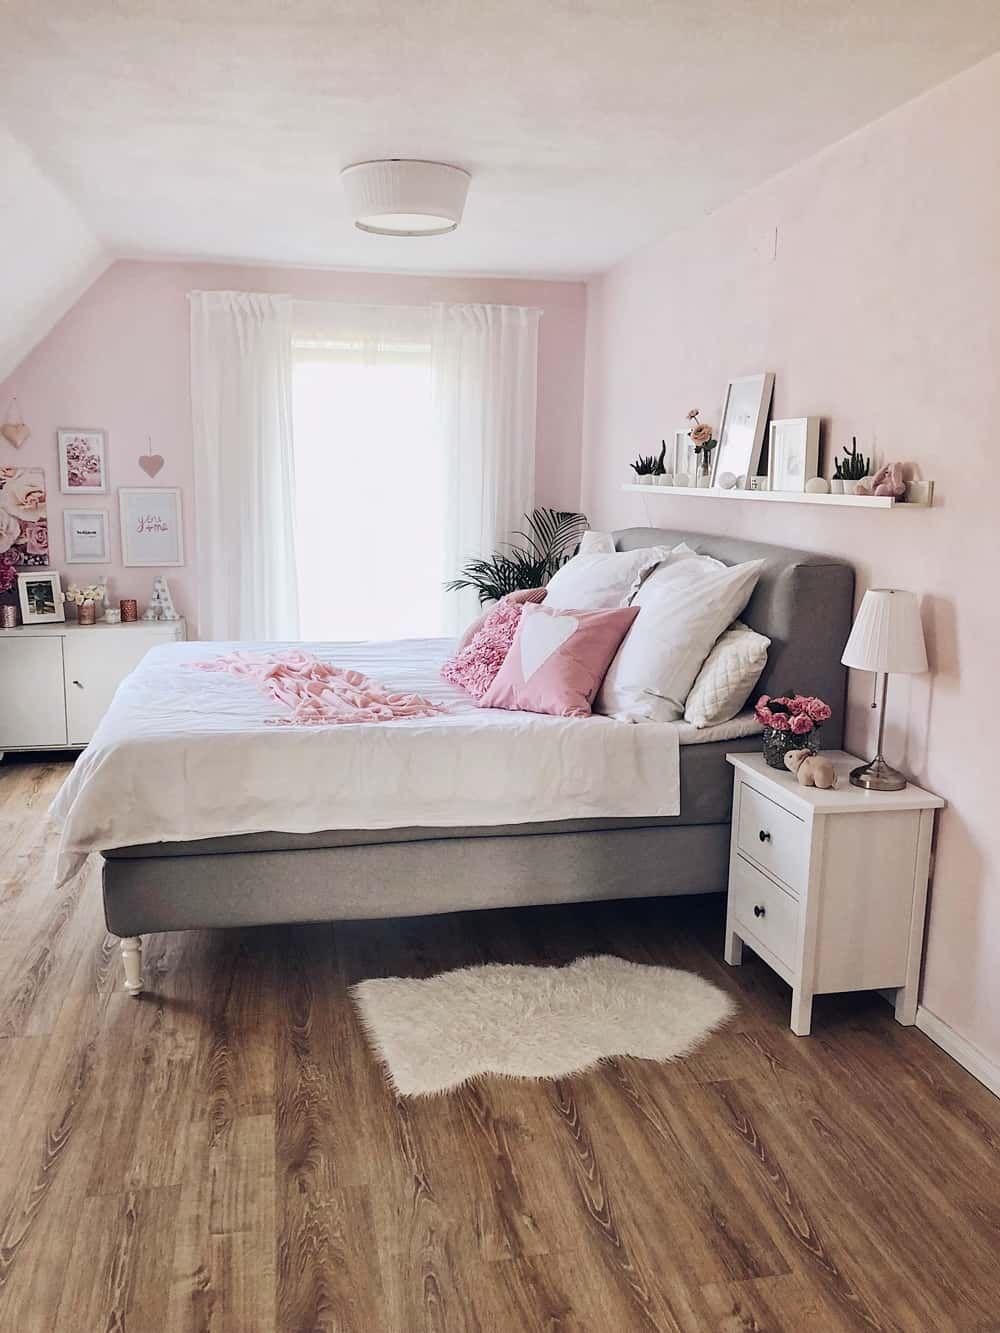 Schlafzimmer Update – Boxspringbett & Interior – Fashion Kitchen